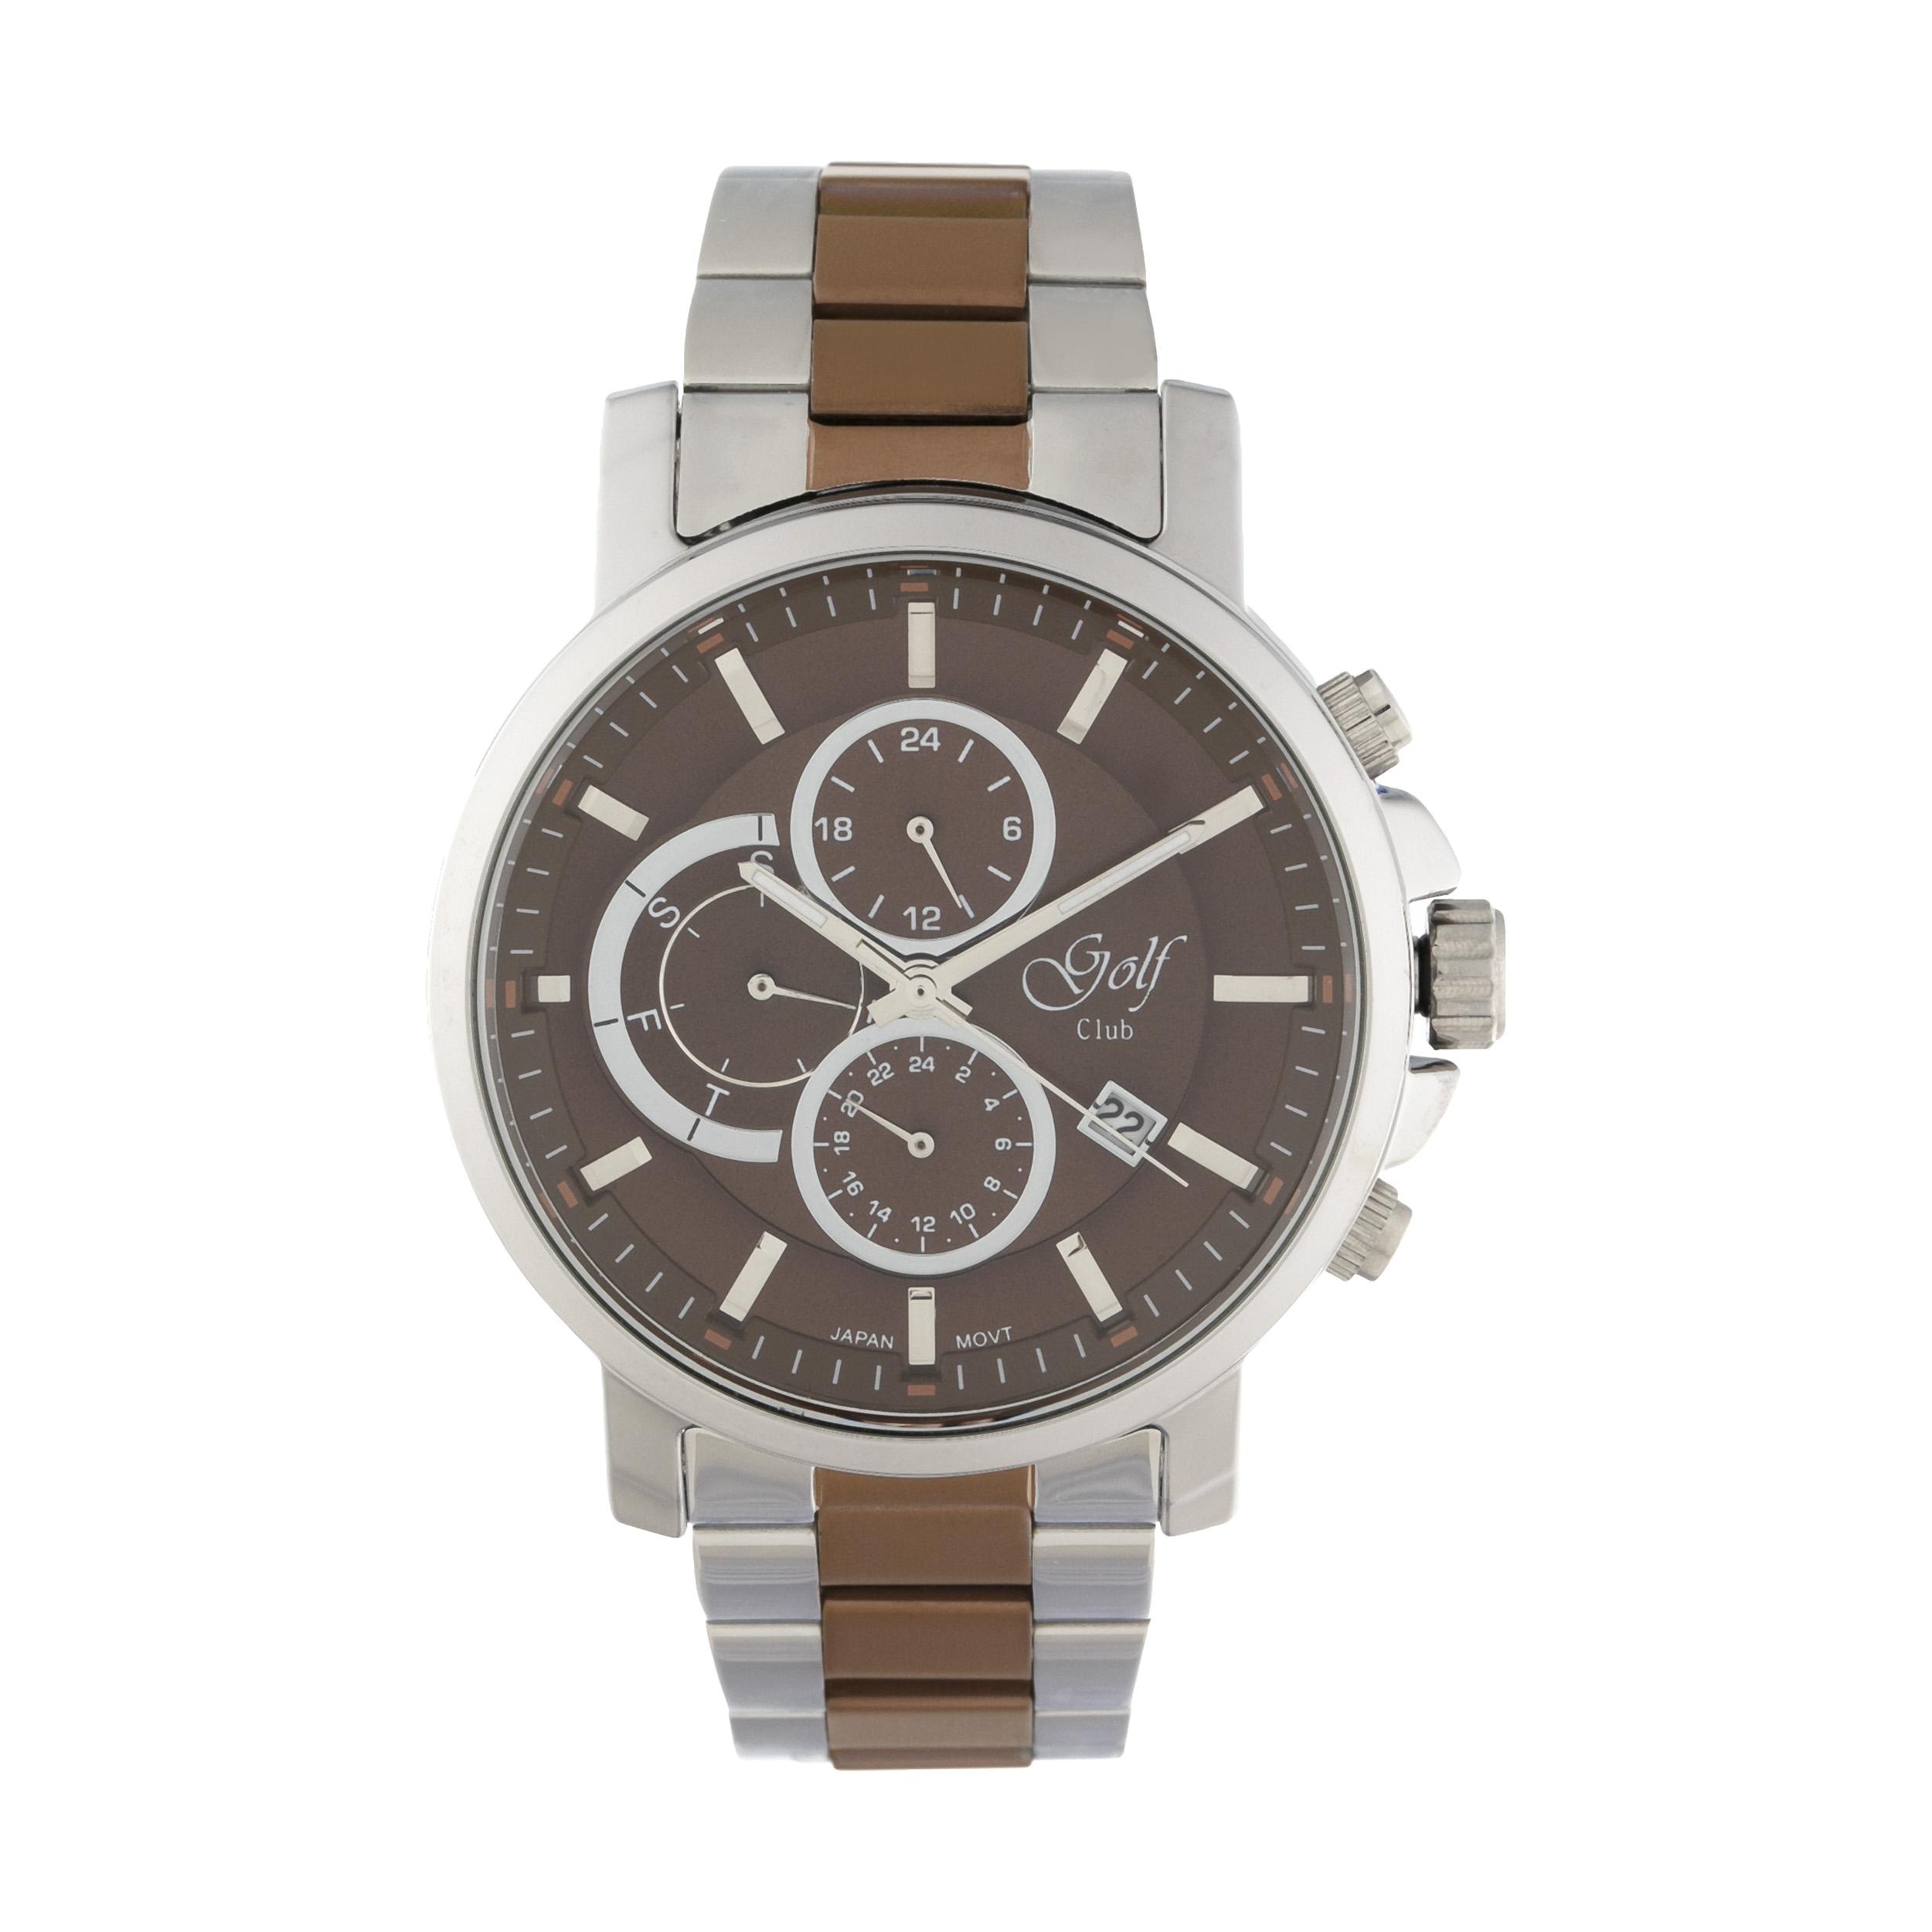 ساعت مچی عقربه ای مردانه گلف مدل 127-5